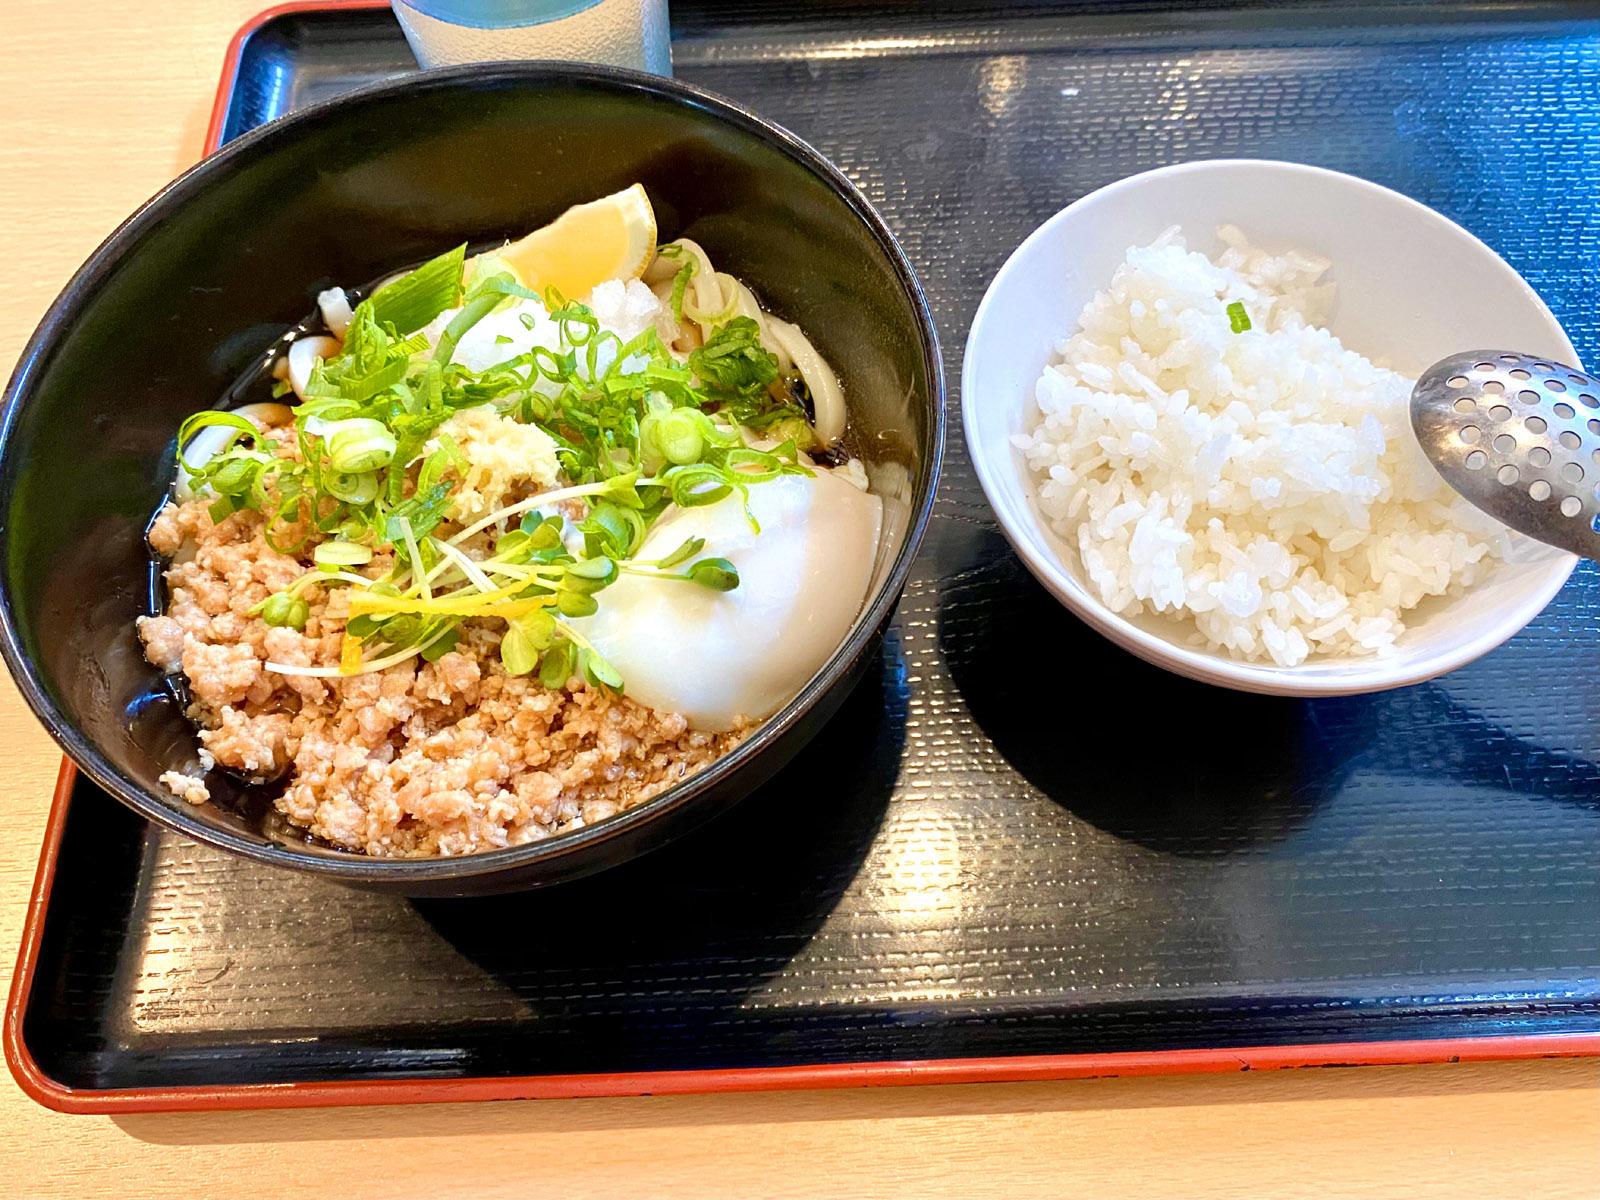 せんり 鶏の親子ぶっかけ(ミニライス付き)小温 490円